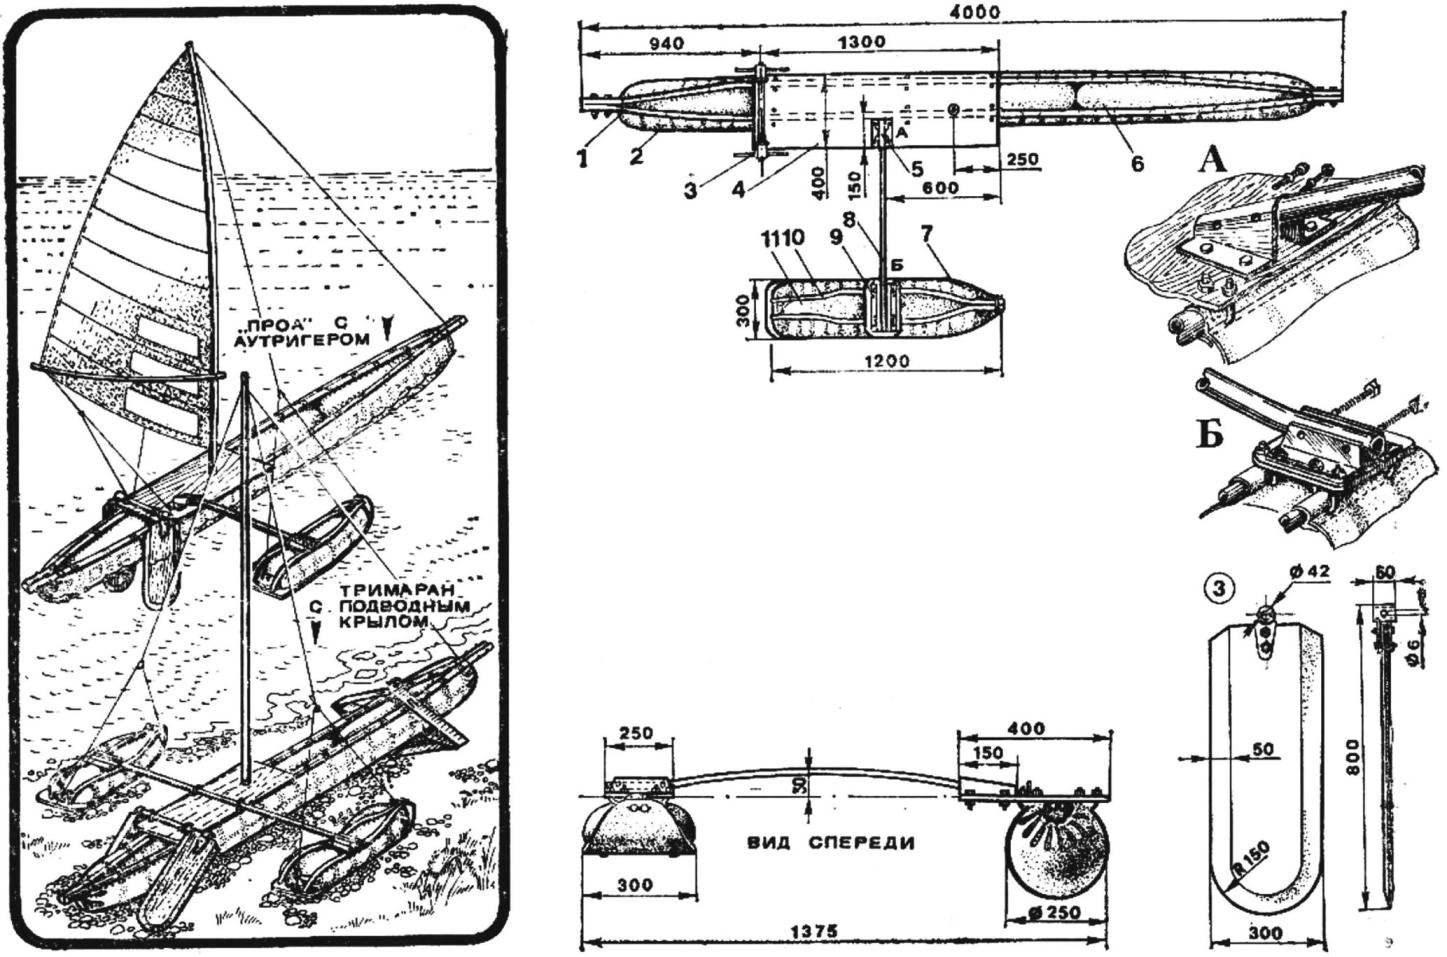 Рис. 2. Серфер с центральным надувным корпусом и вспомогательным поплавком